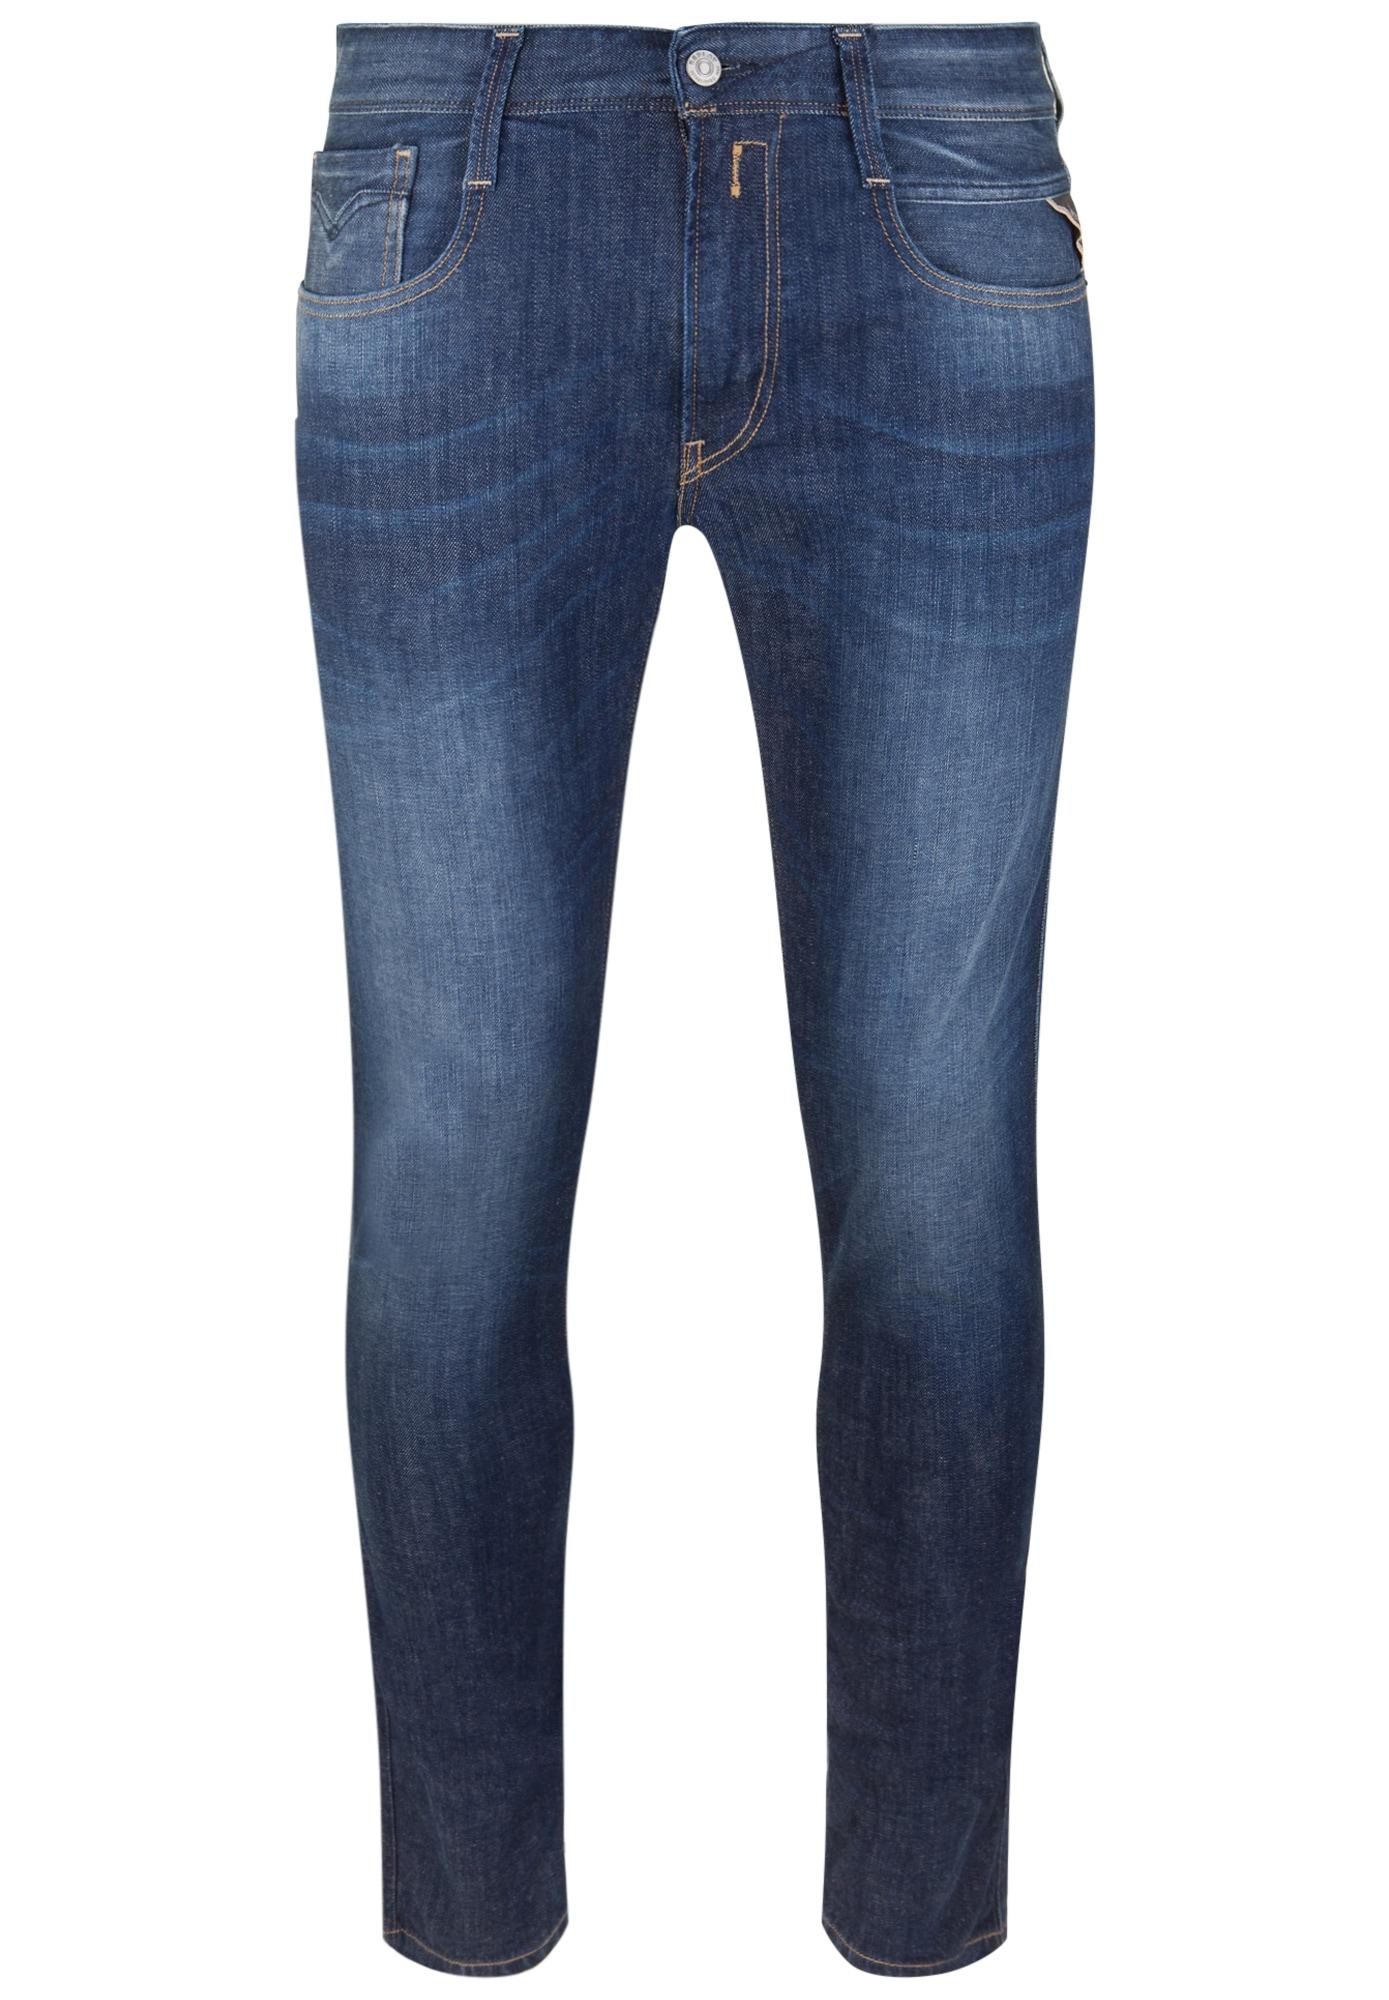 REPLAY Heren Jeans ANBASS COMFORT DENIM blue denim